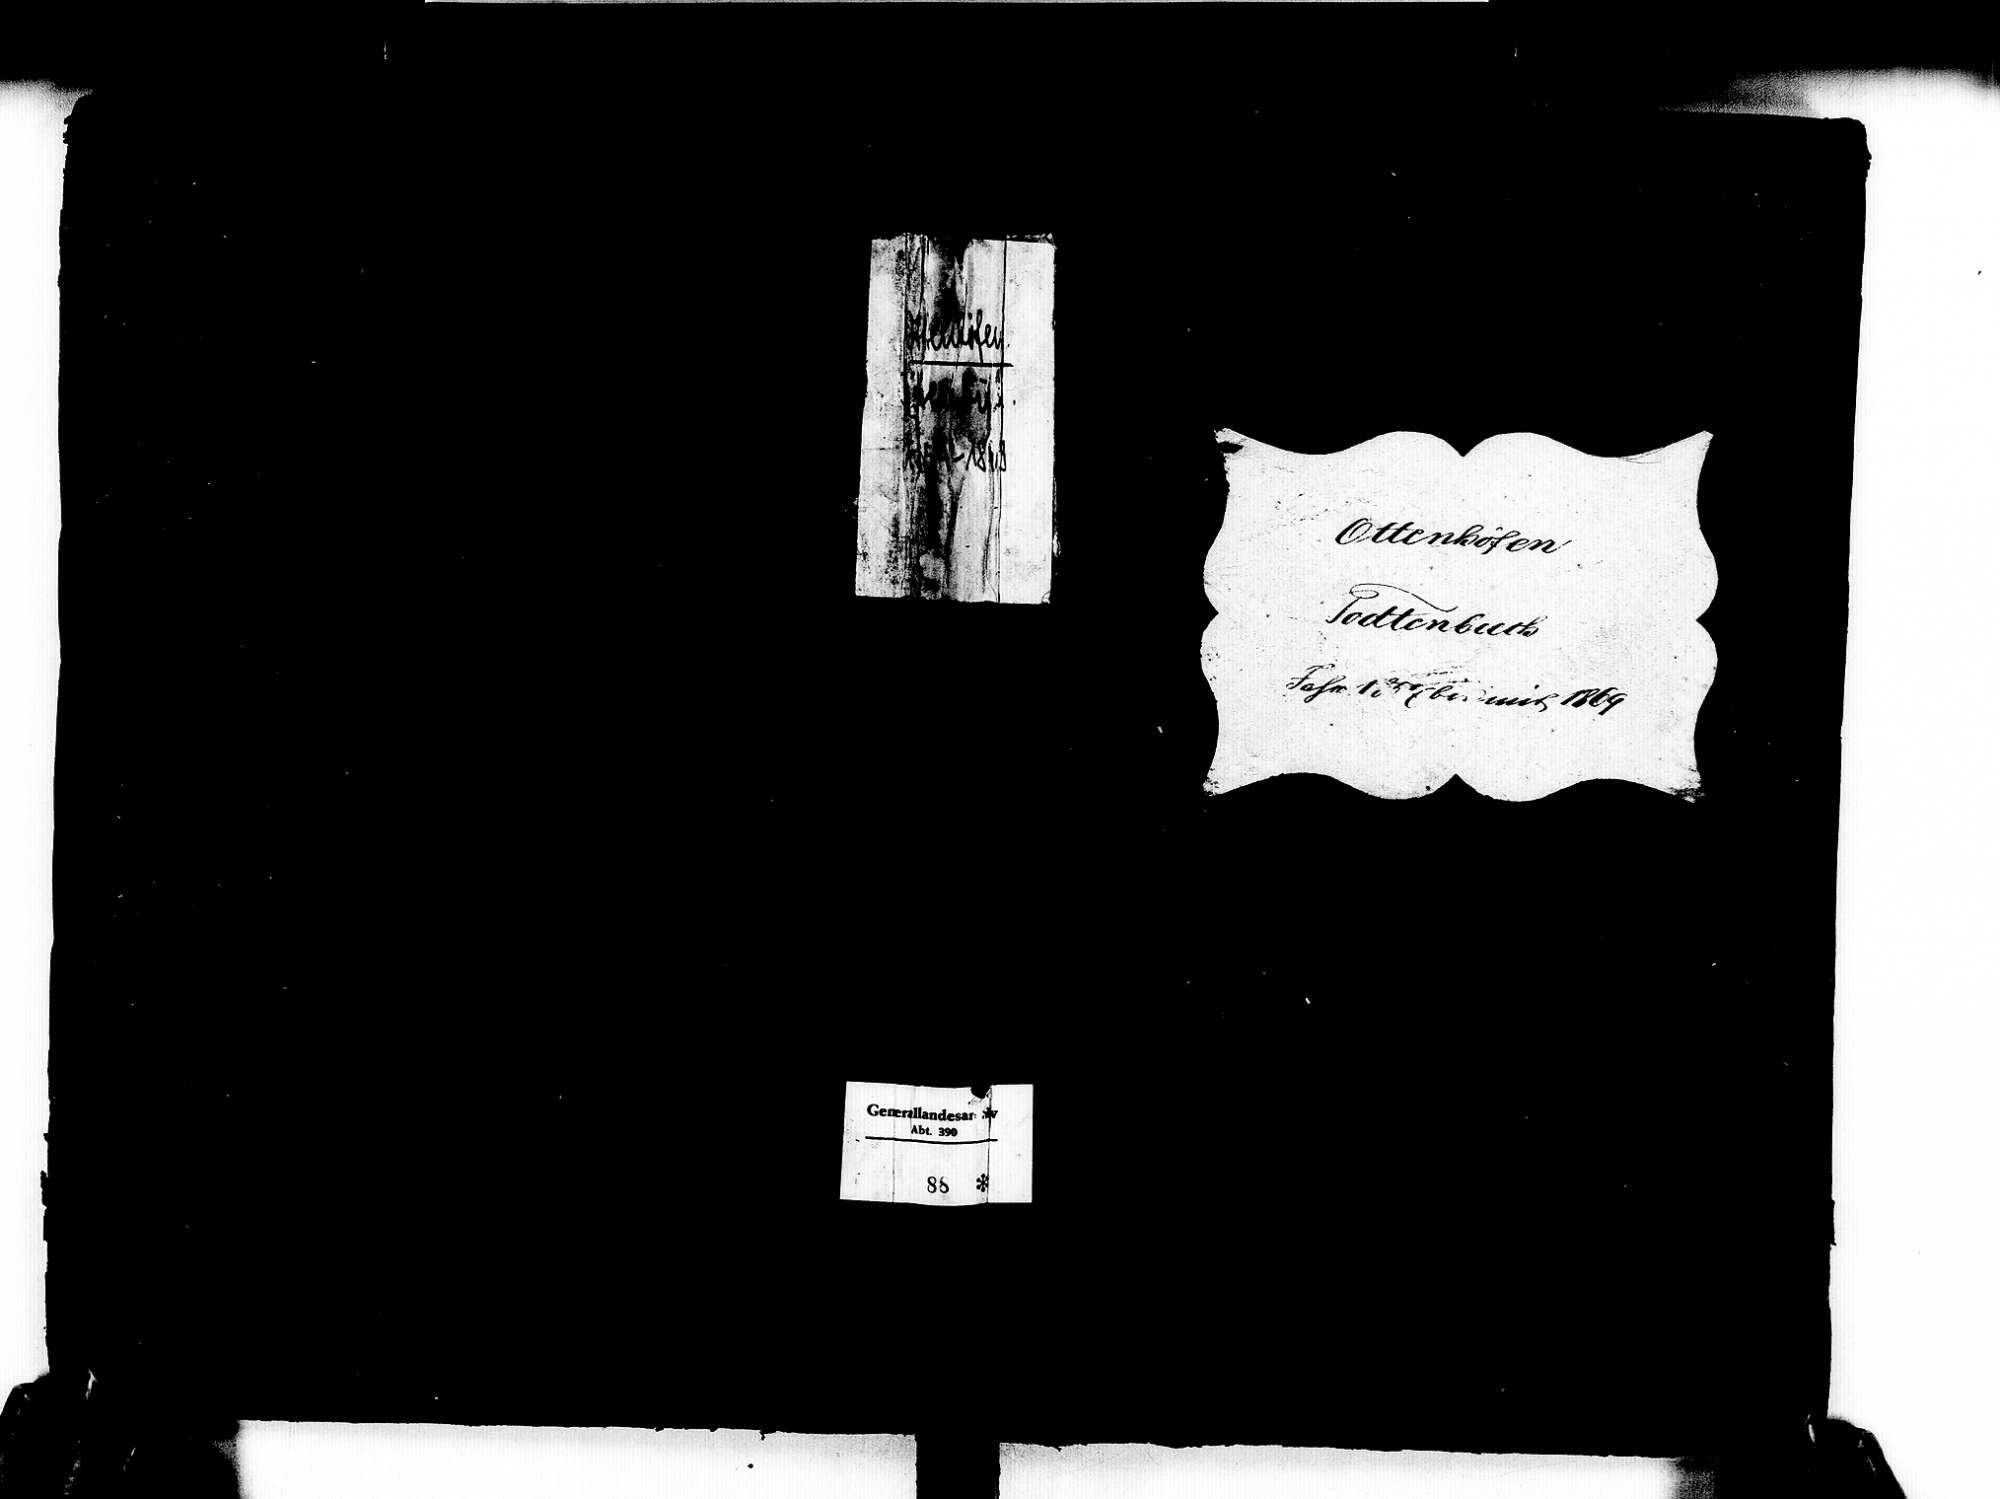 Ottenhöfen im Schwarzwald OG; Katholische Gemeinde: Sterbebuch 1857-1869, Bild 1